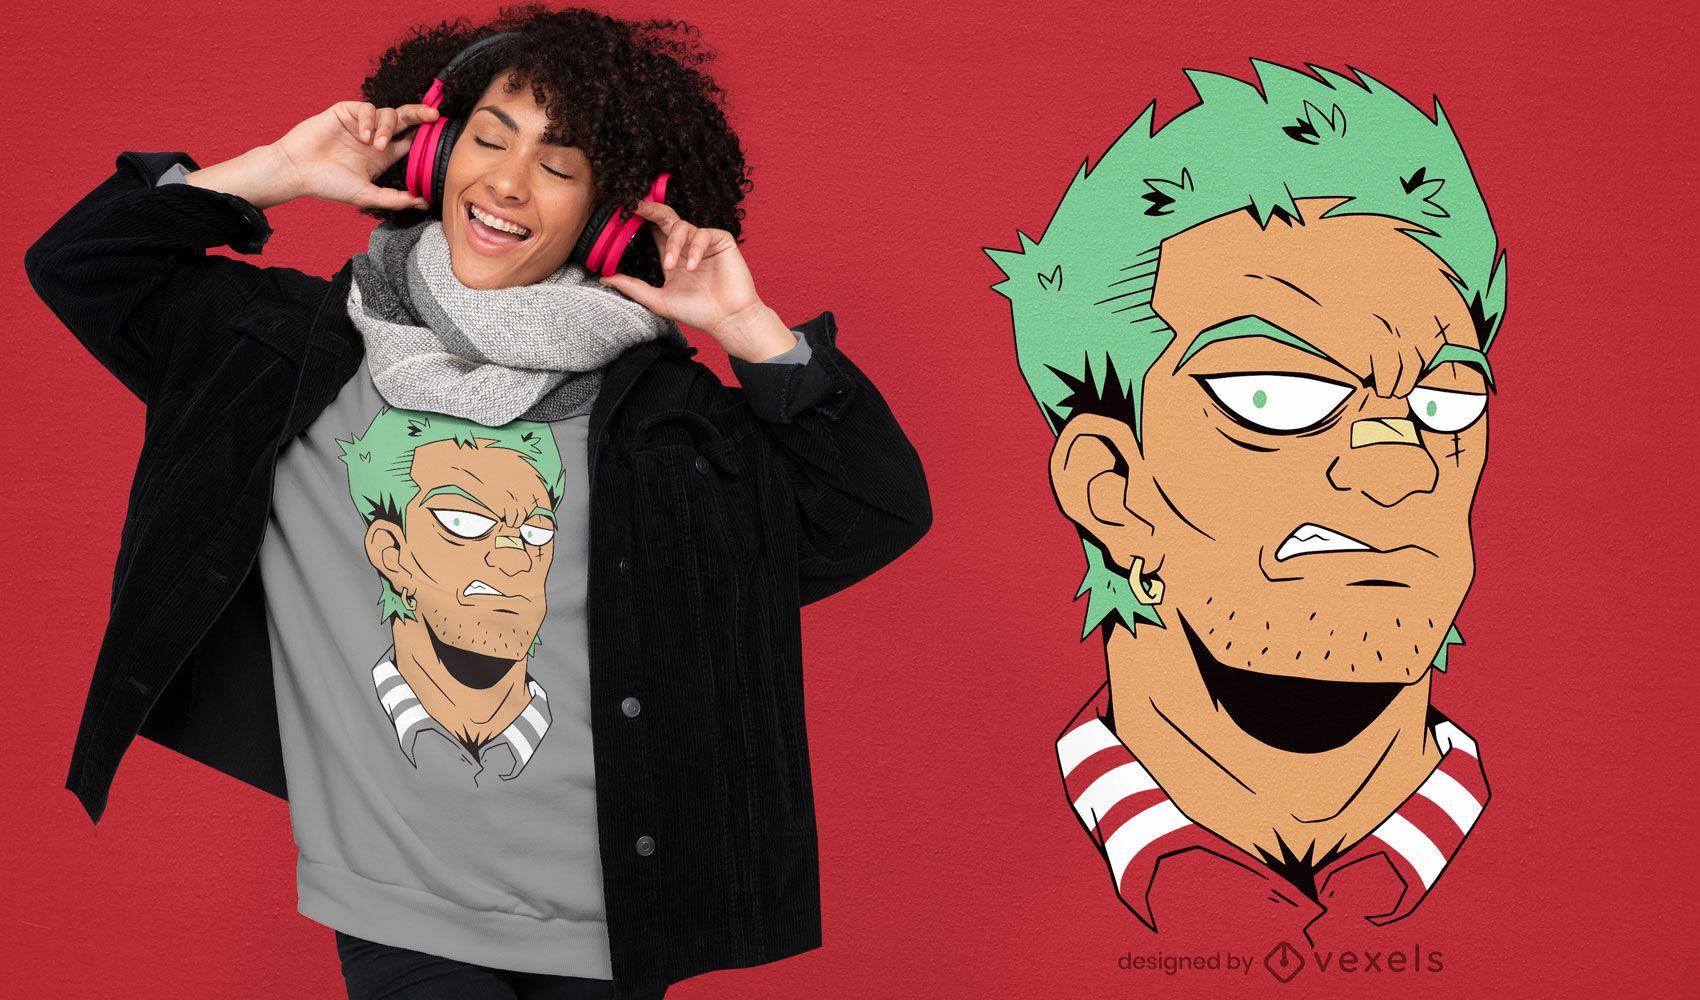 Villain anime guy face t-shirt design